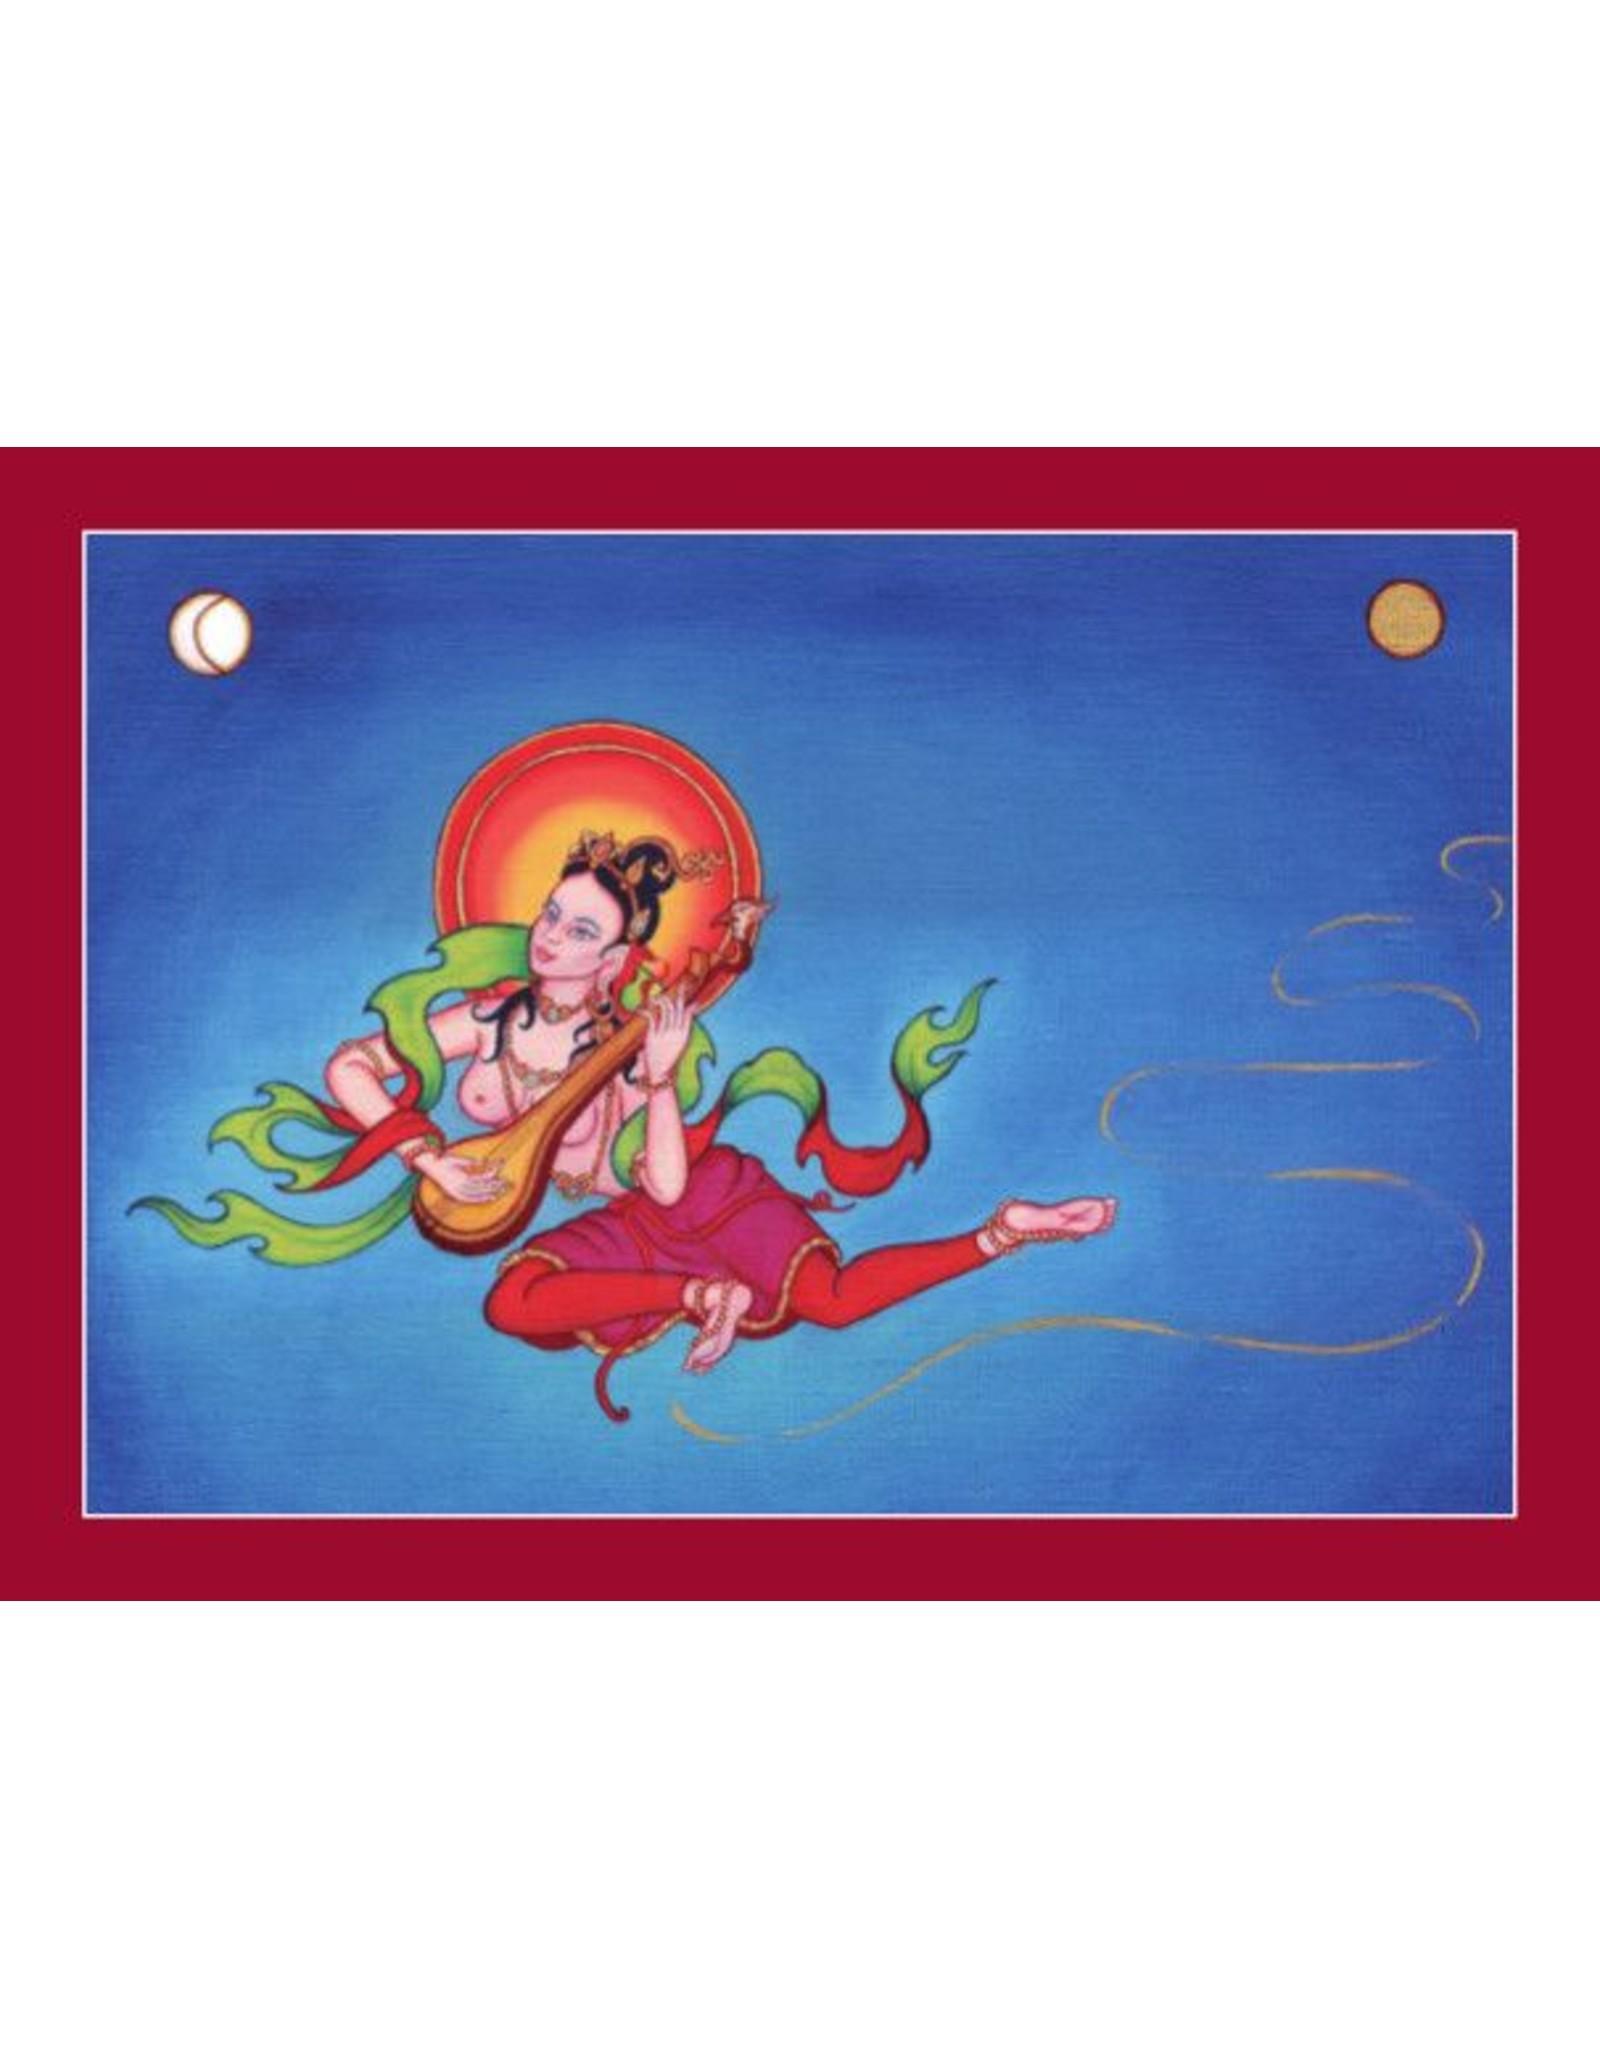 Tibetan Buddhist Art postcard Offering Goddess of Music